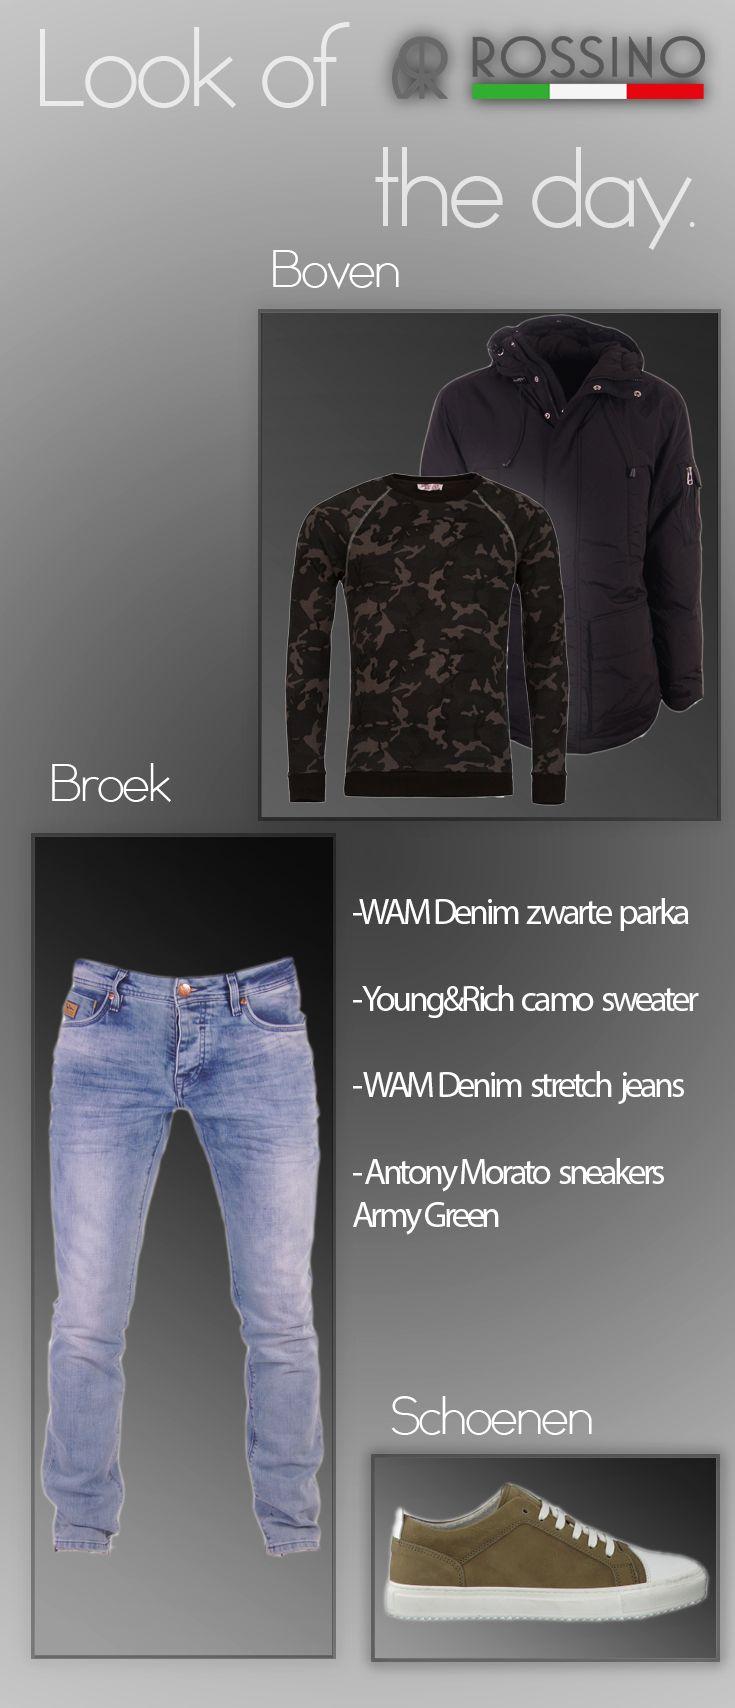 De winter komt er weer aan, vandaar deze heerlijk warme heren outfit! Met een lange parka van WAM Denim, een camo trui, stretch jeans en matchende sneakers van Antony Morato